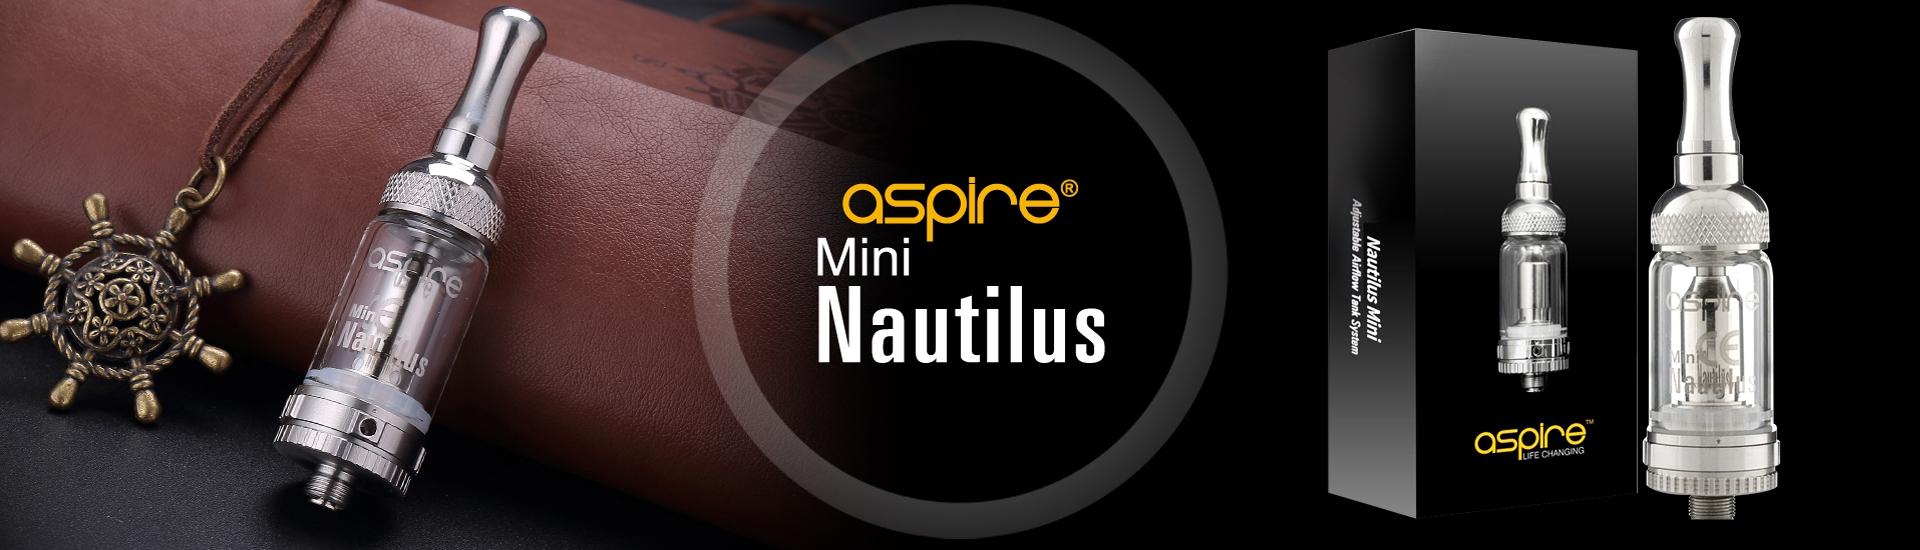 Aspire Nautilus mini presentation